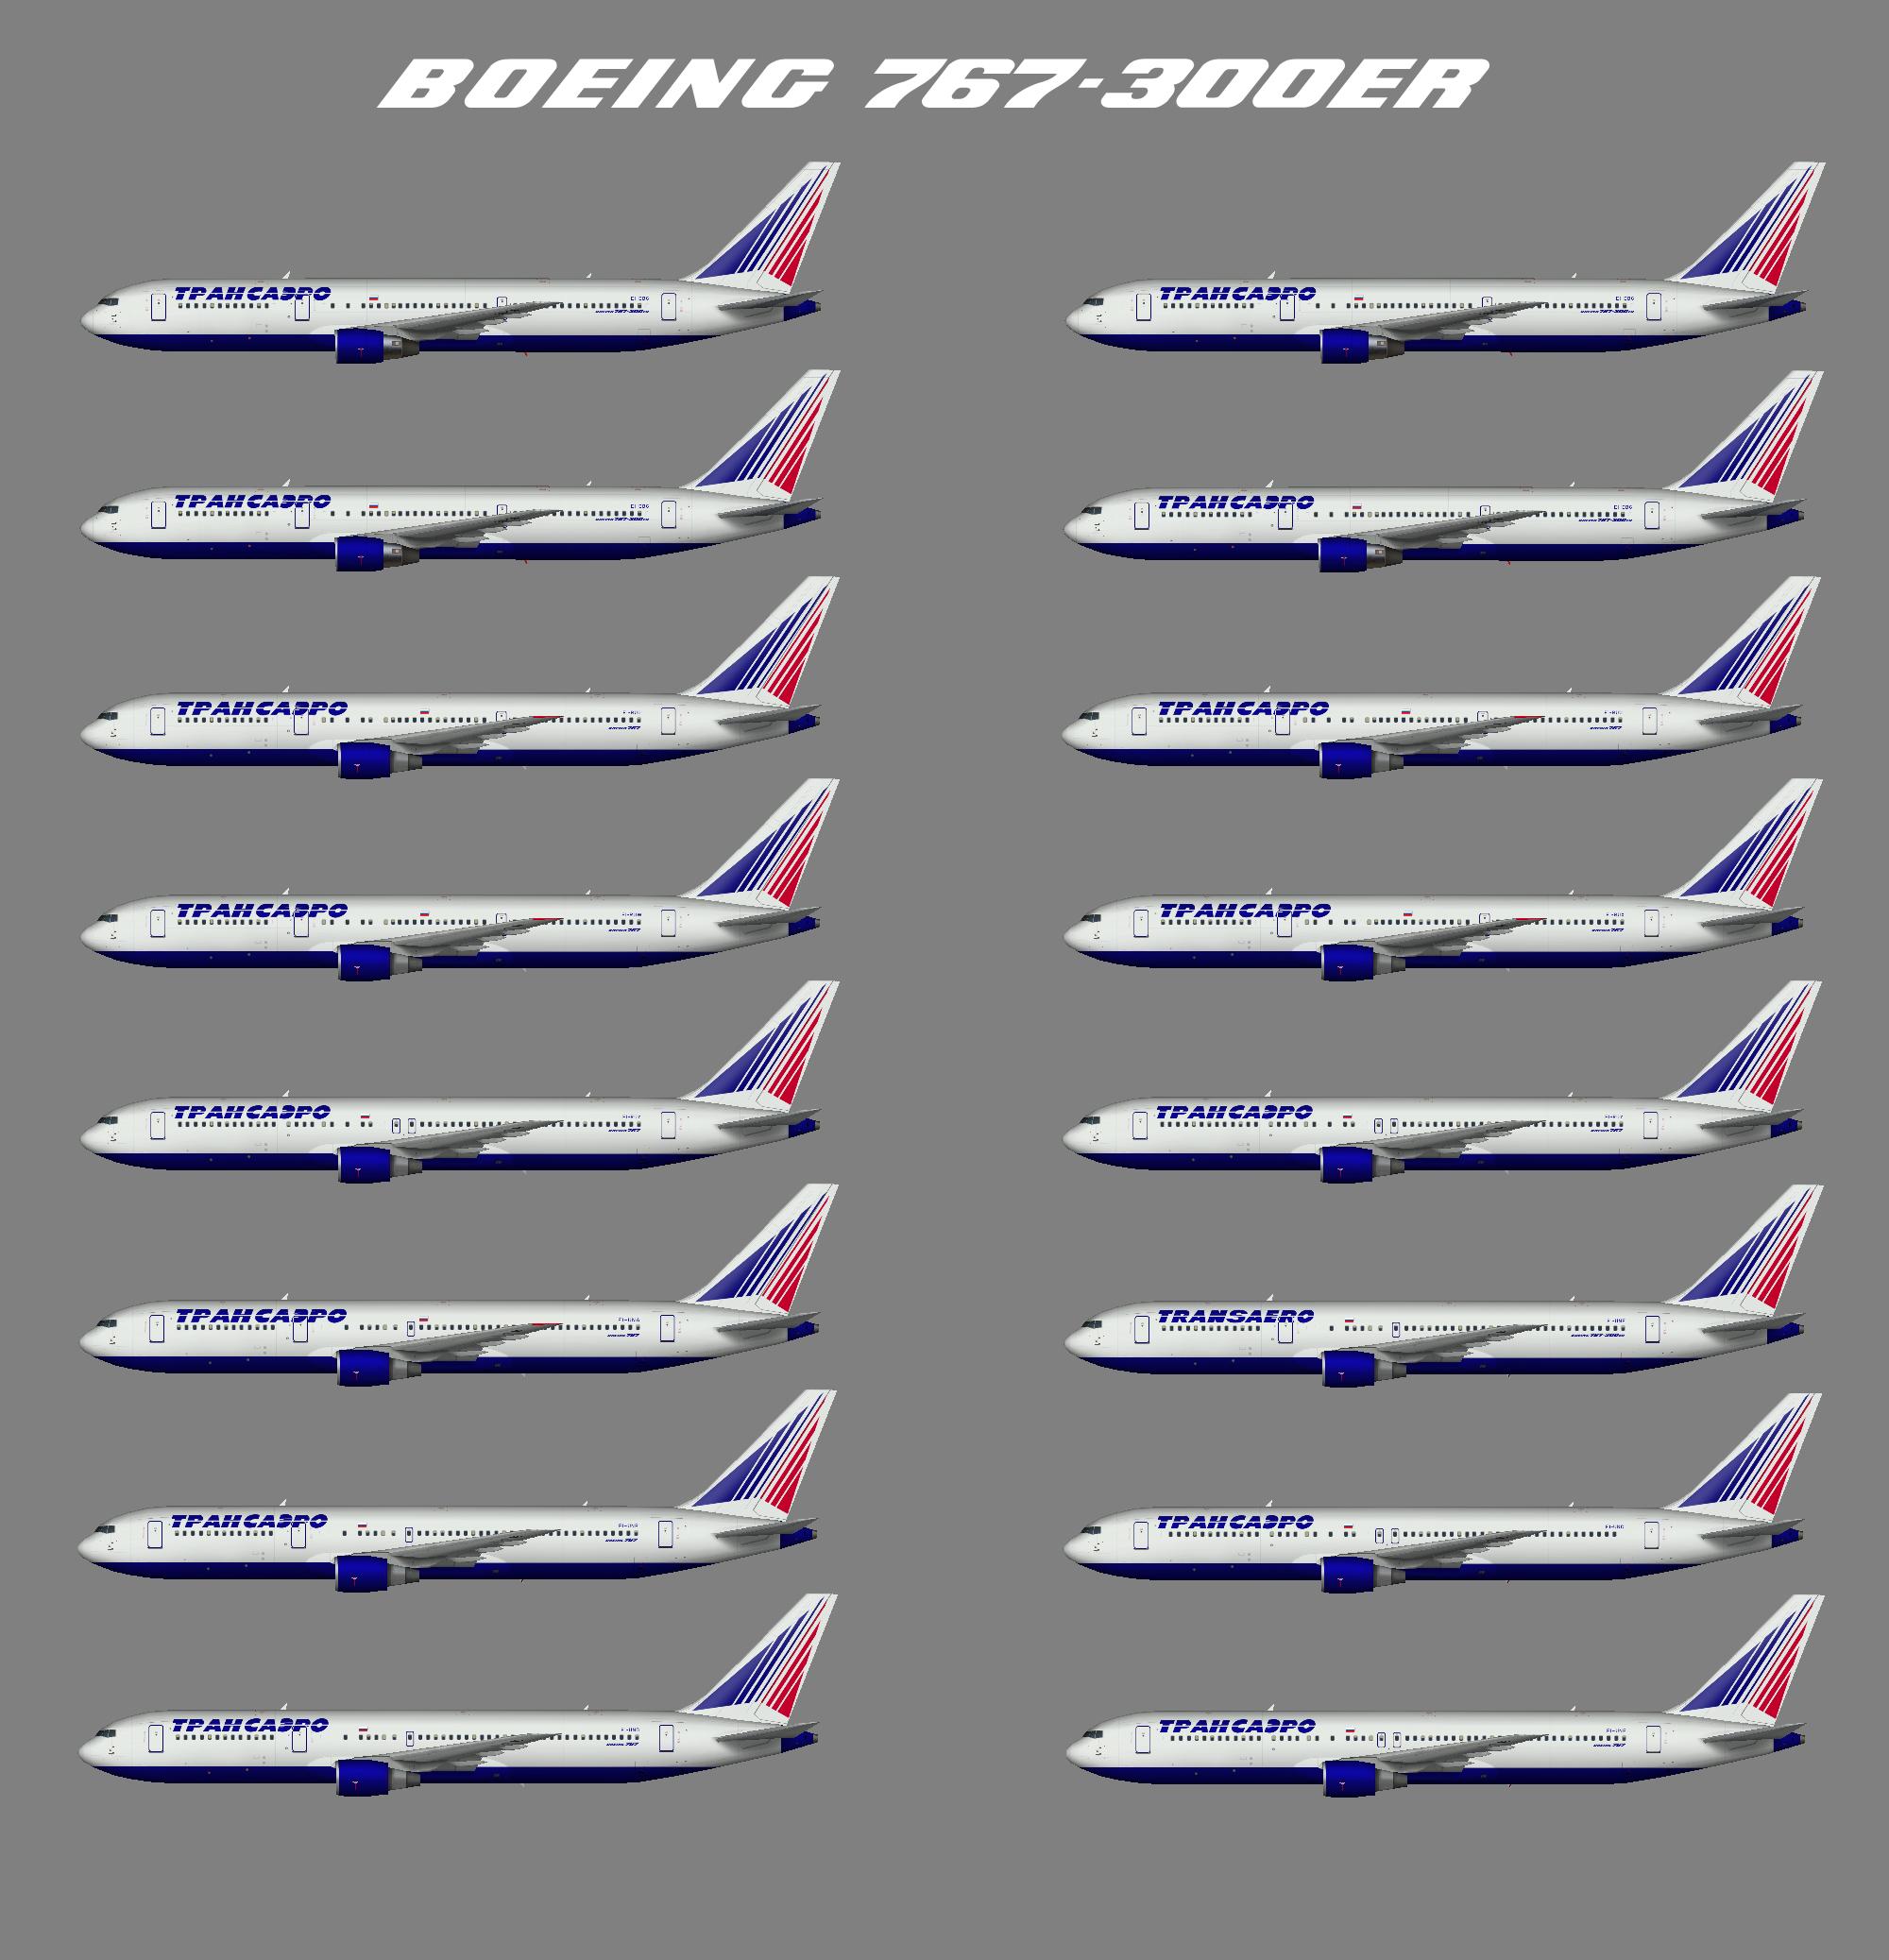 Transaero 767 fleet